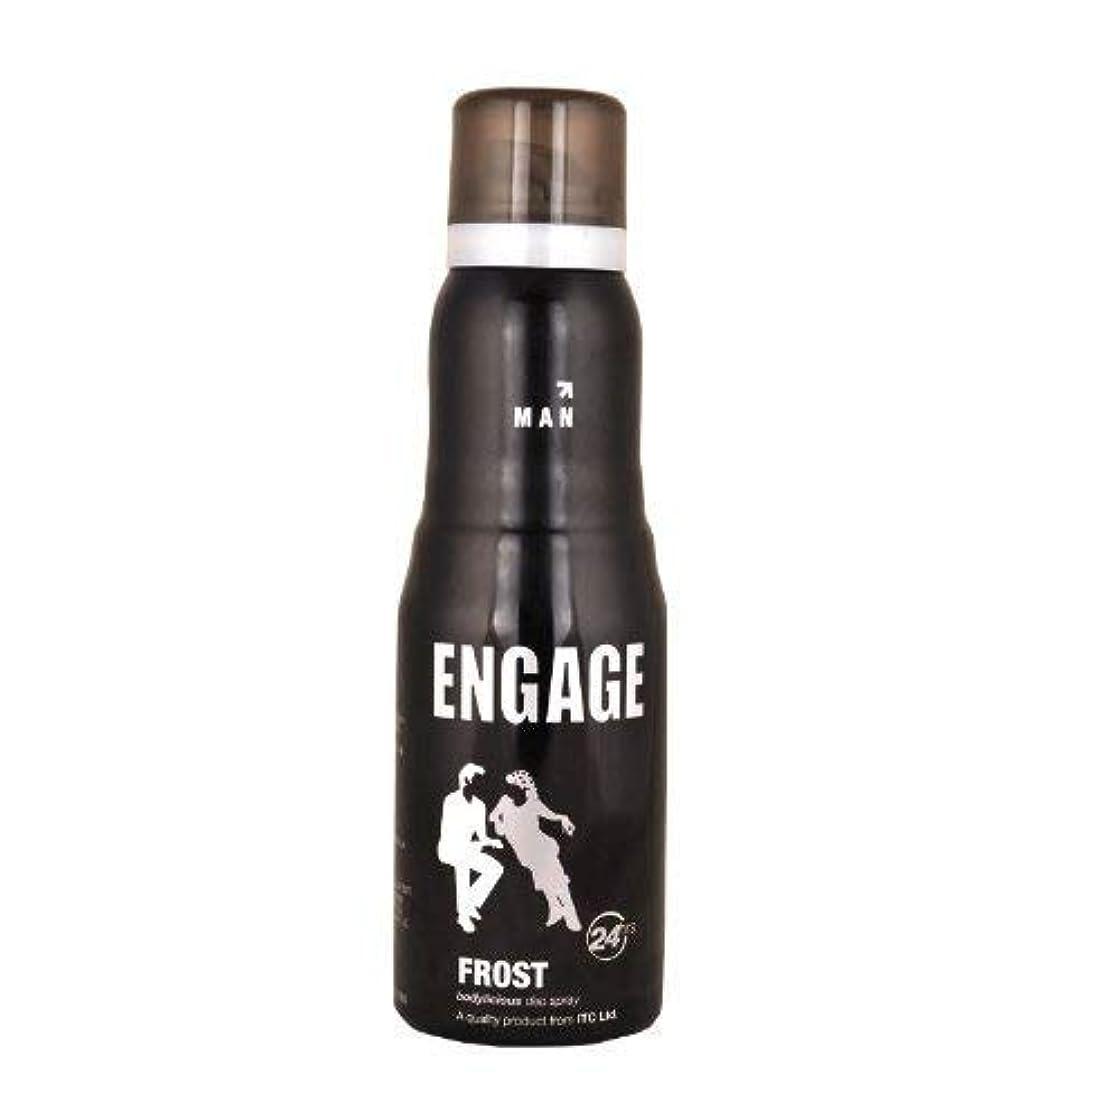 バーガー正確にハンドブックEngage New Metal Range Frost Deodorant Spray For Men, 150ml / 165ml (Weight May Vary)